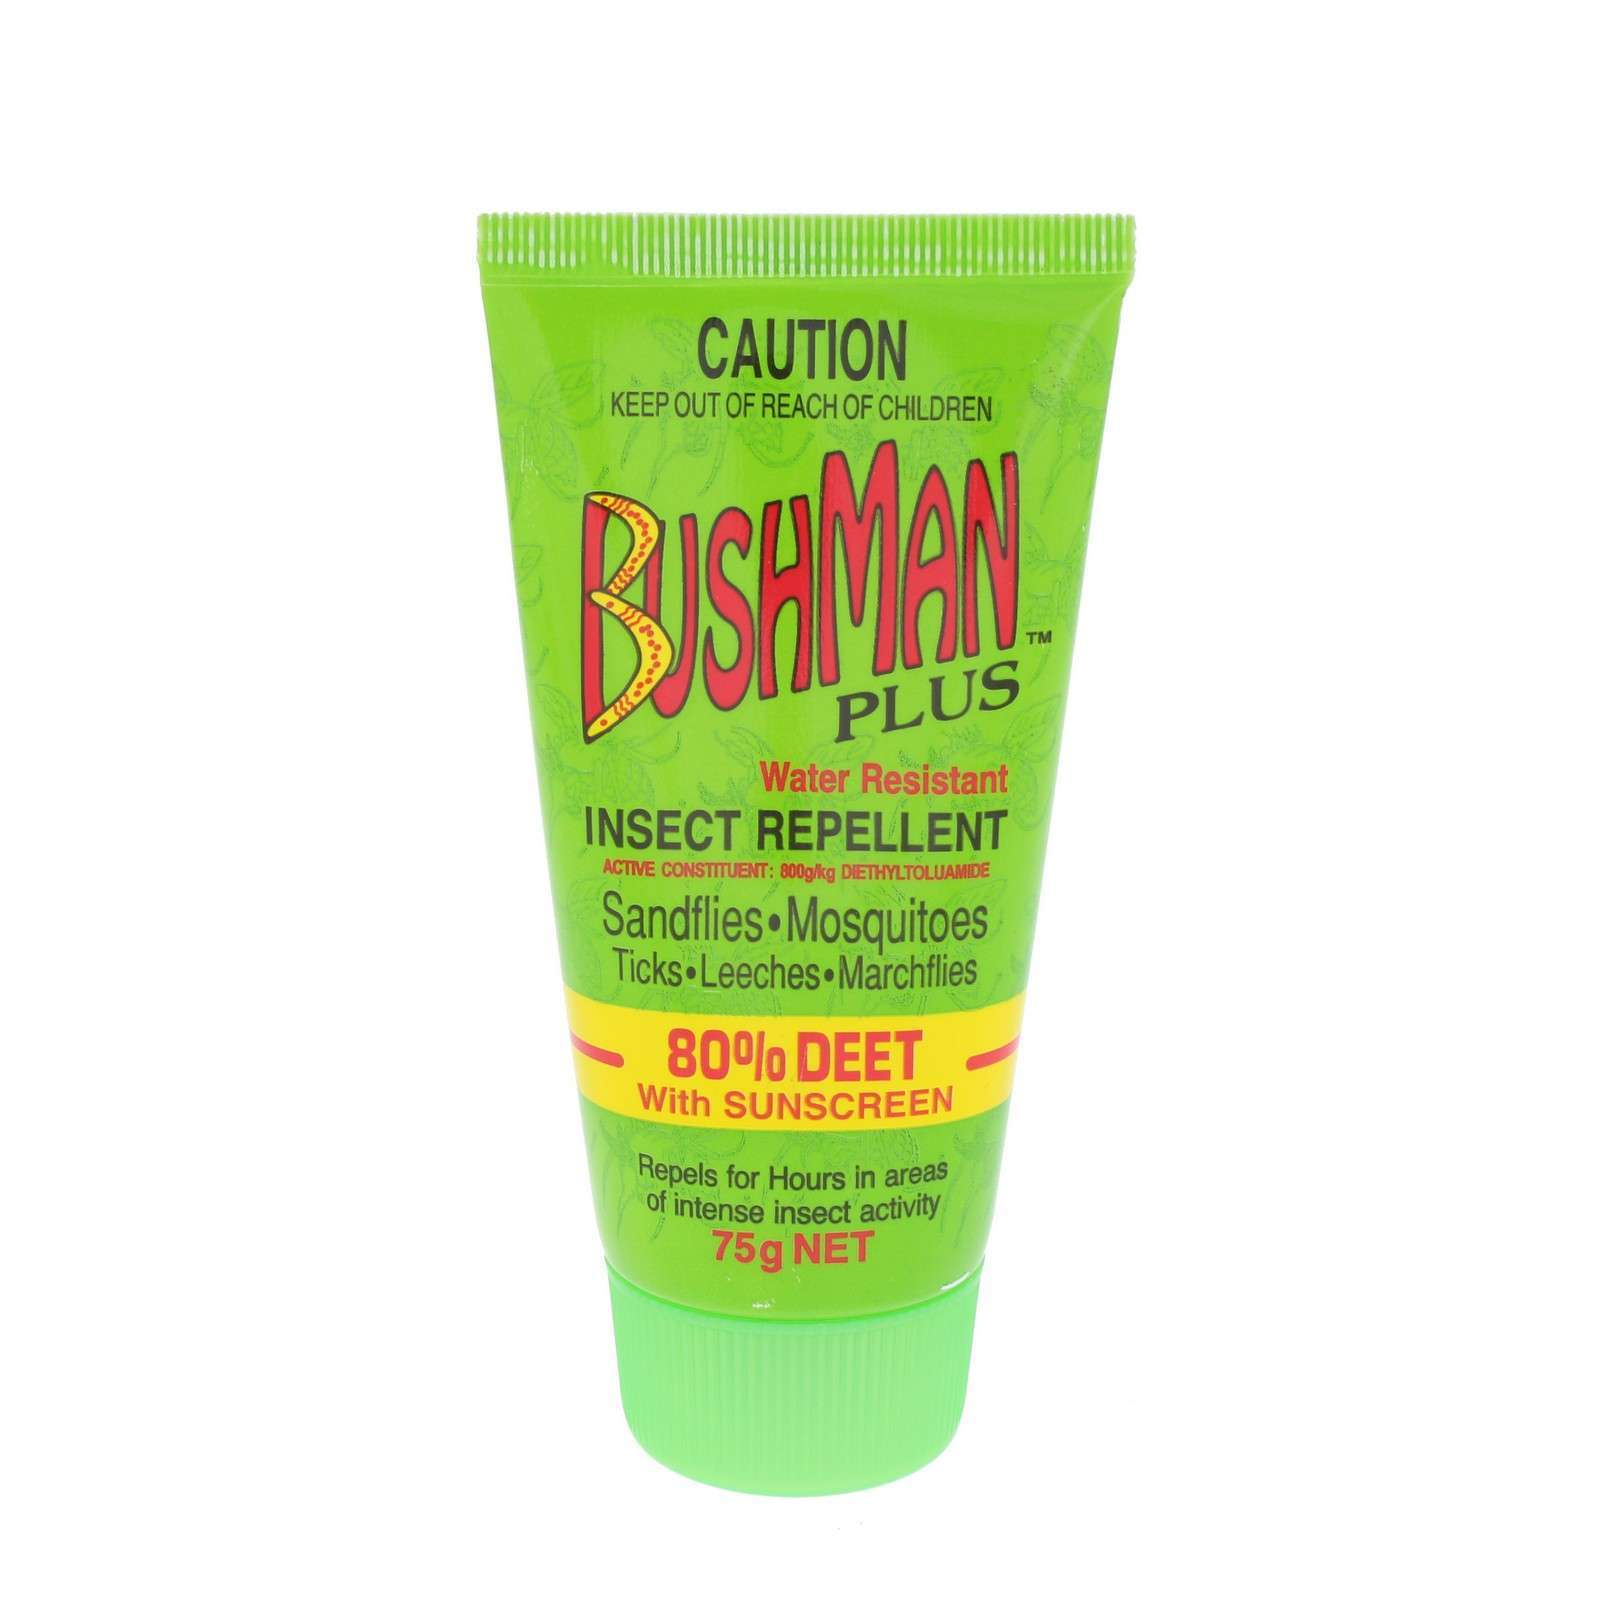 Bushman Plus Insect Repellent 80% Deet Sandflies Mosquitoes Ticks Leeches 75g